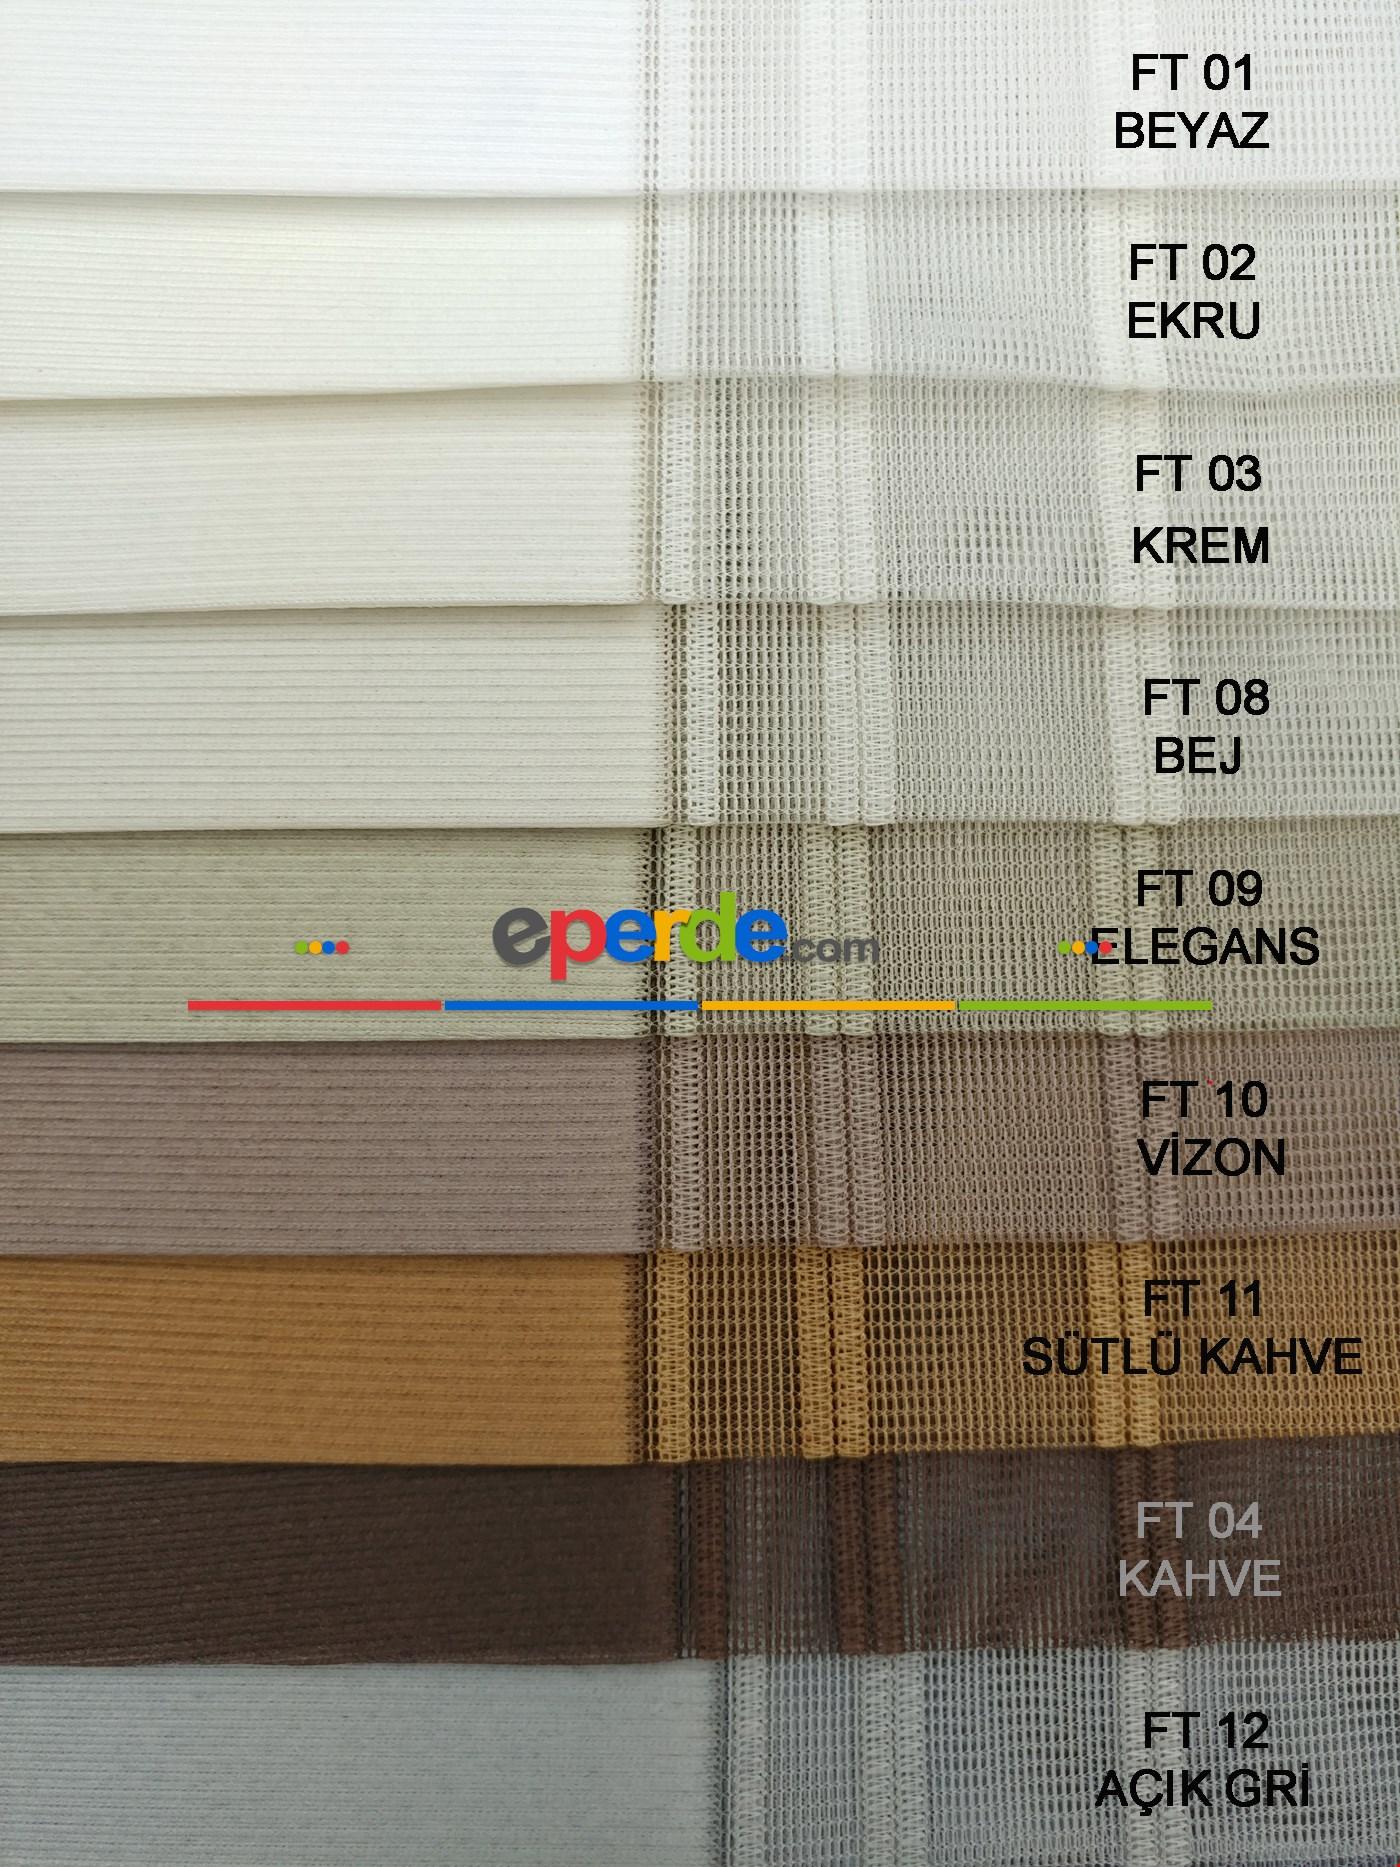 1. Kalite Çizgili Tül Dikey Zebra Perde Ft-33 Parlament - Ft27 Çağla Yeşili - Ft25 Mint Yeşili -